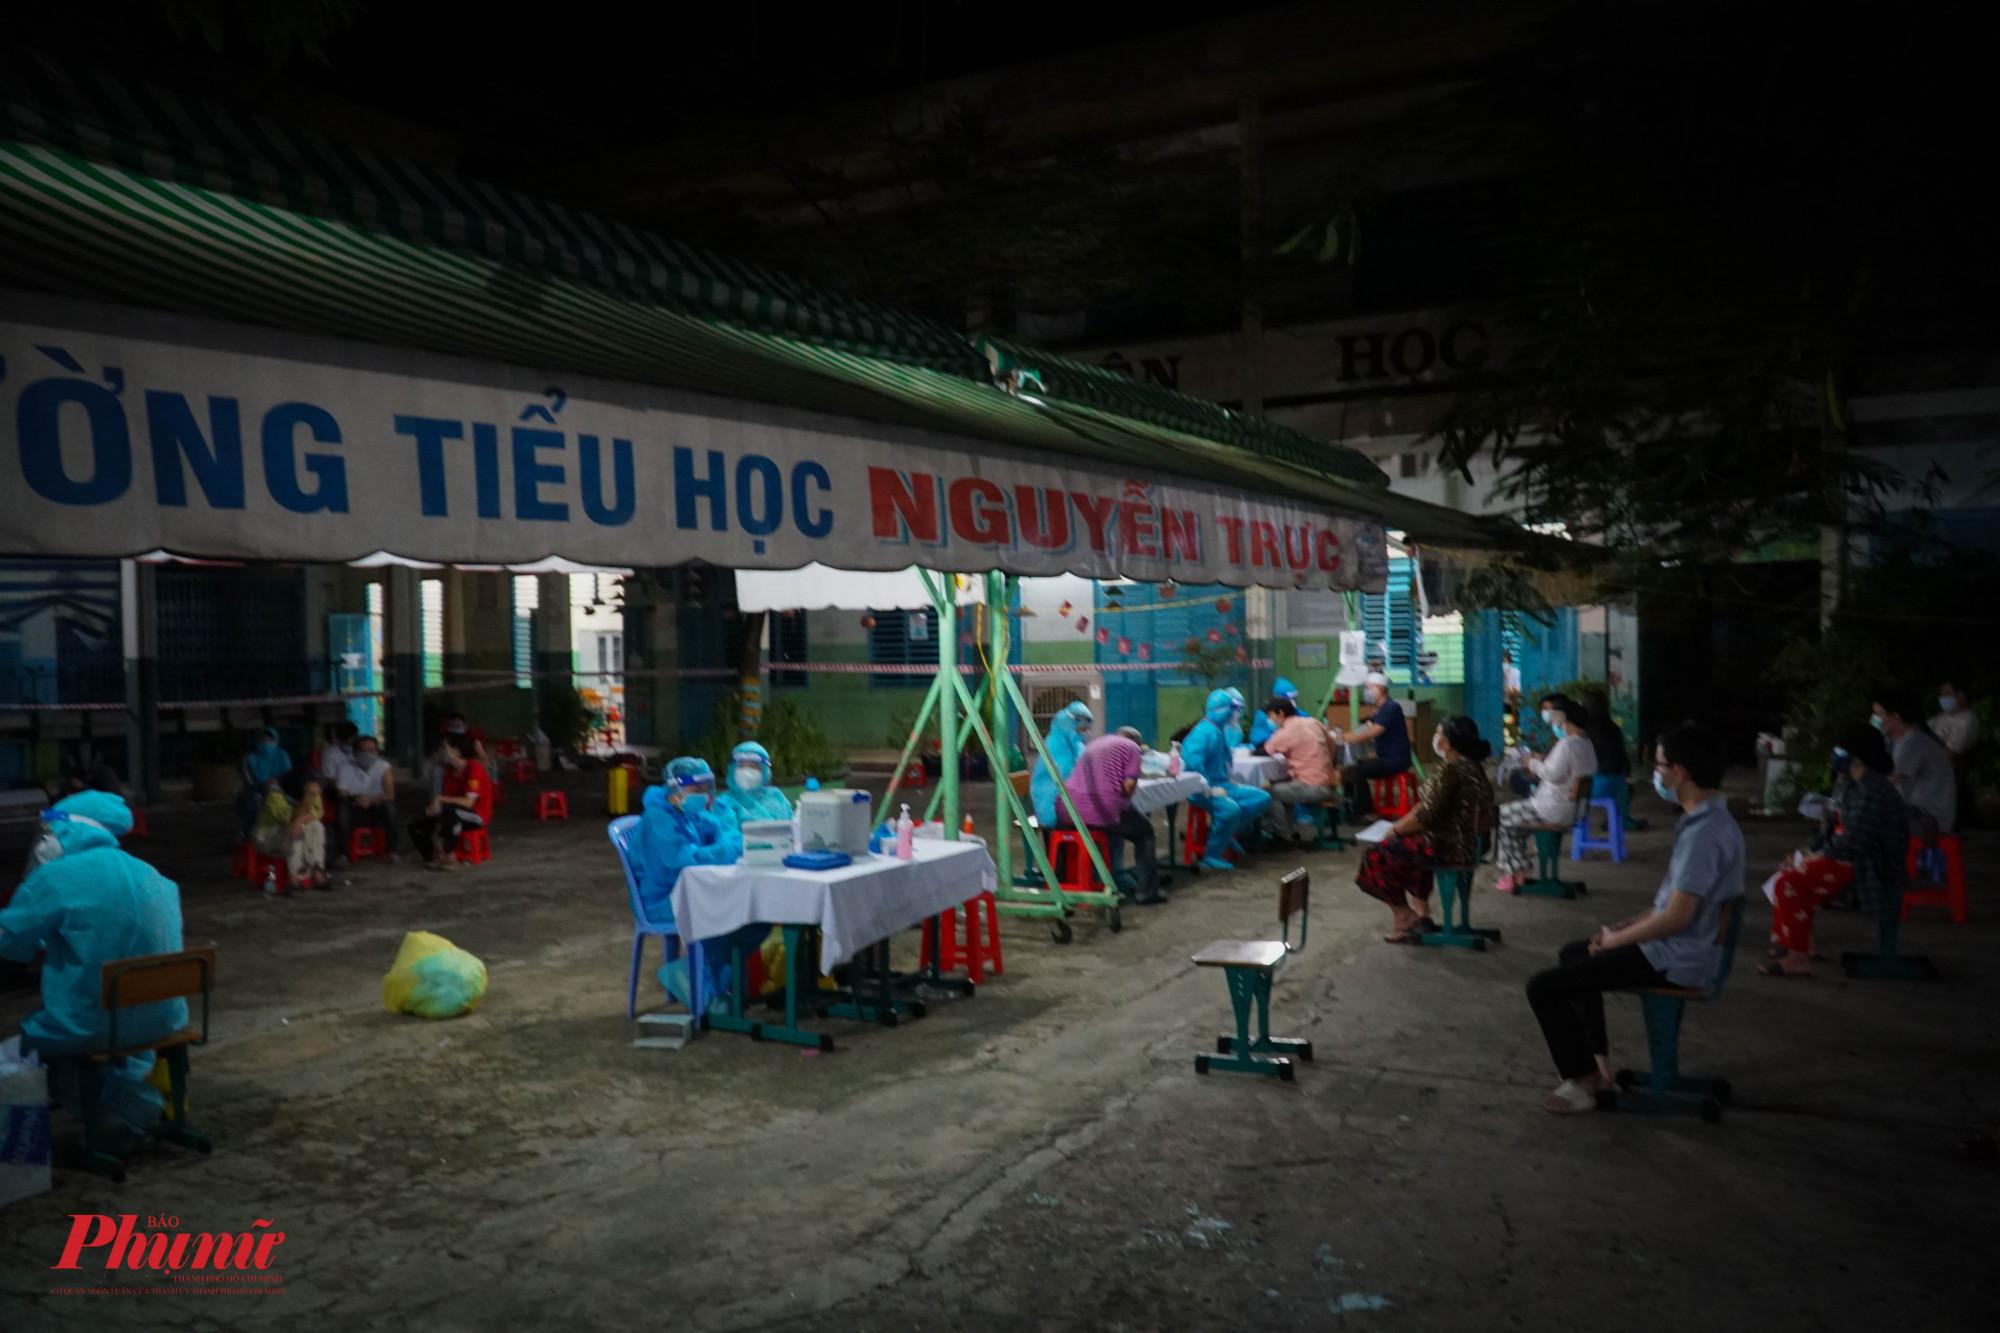 Điểm tiêm đầu tiên cho người Chăm trên địa bàn Quận 8 được tổ chức tạci trường tiểu học Nguyễn Trực, Quận 8